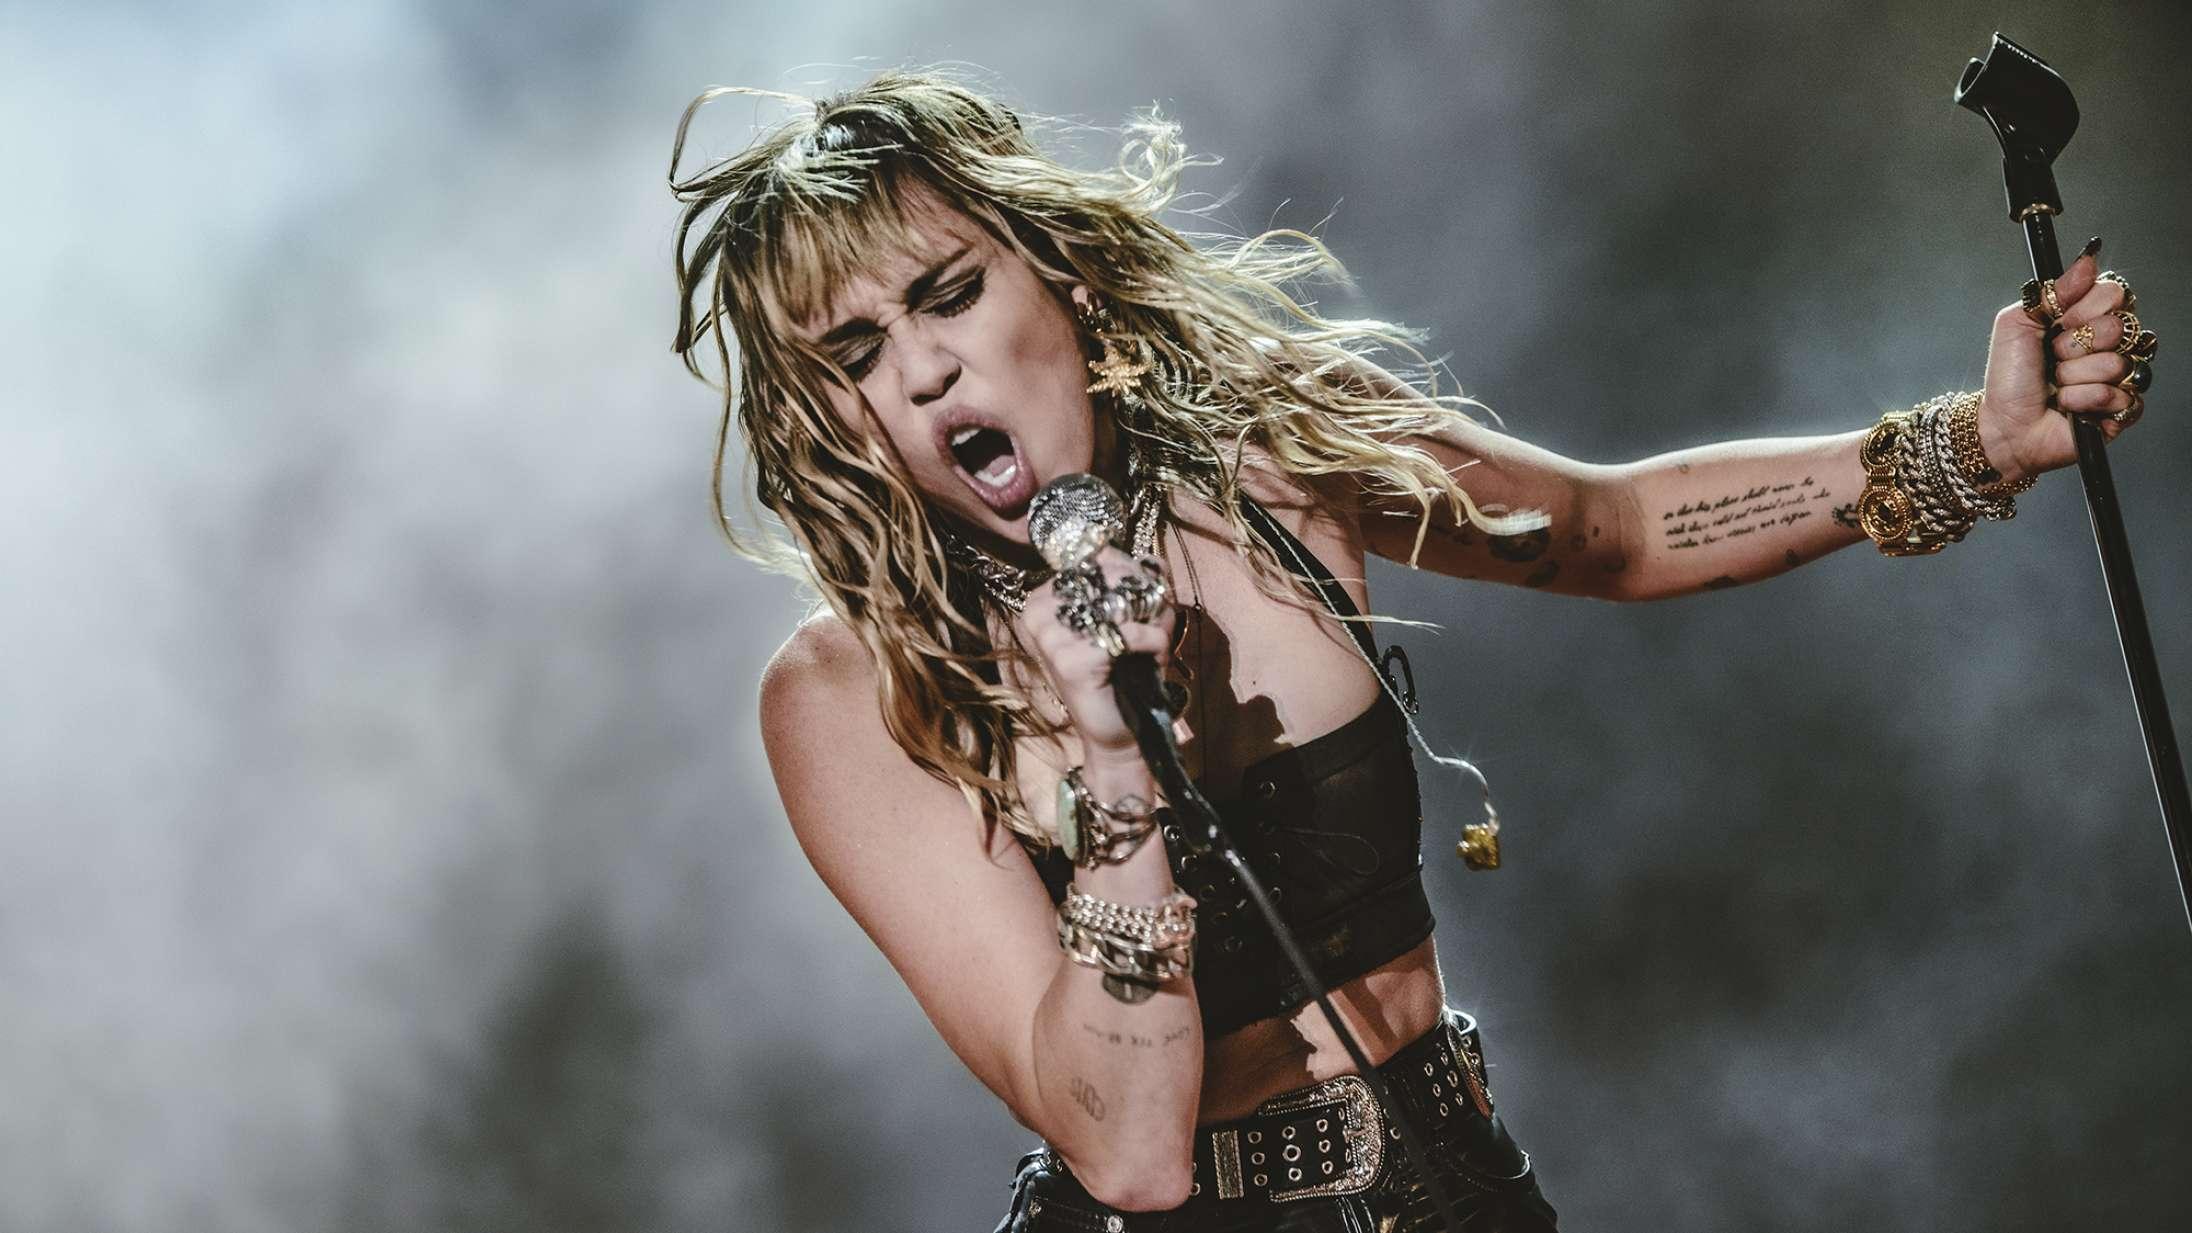 Det regner med Miley Cyrus-covers – hør hendes versioner af klassikere fra The Cure, Britney Spears og The Cardigans